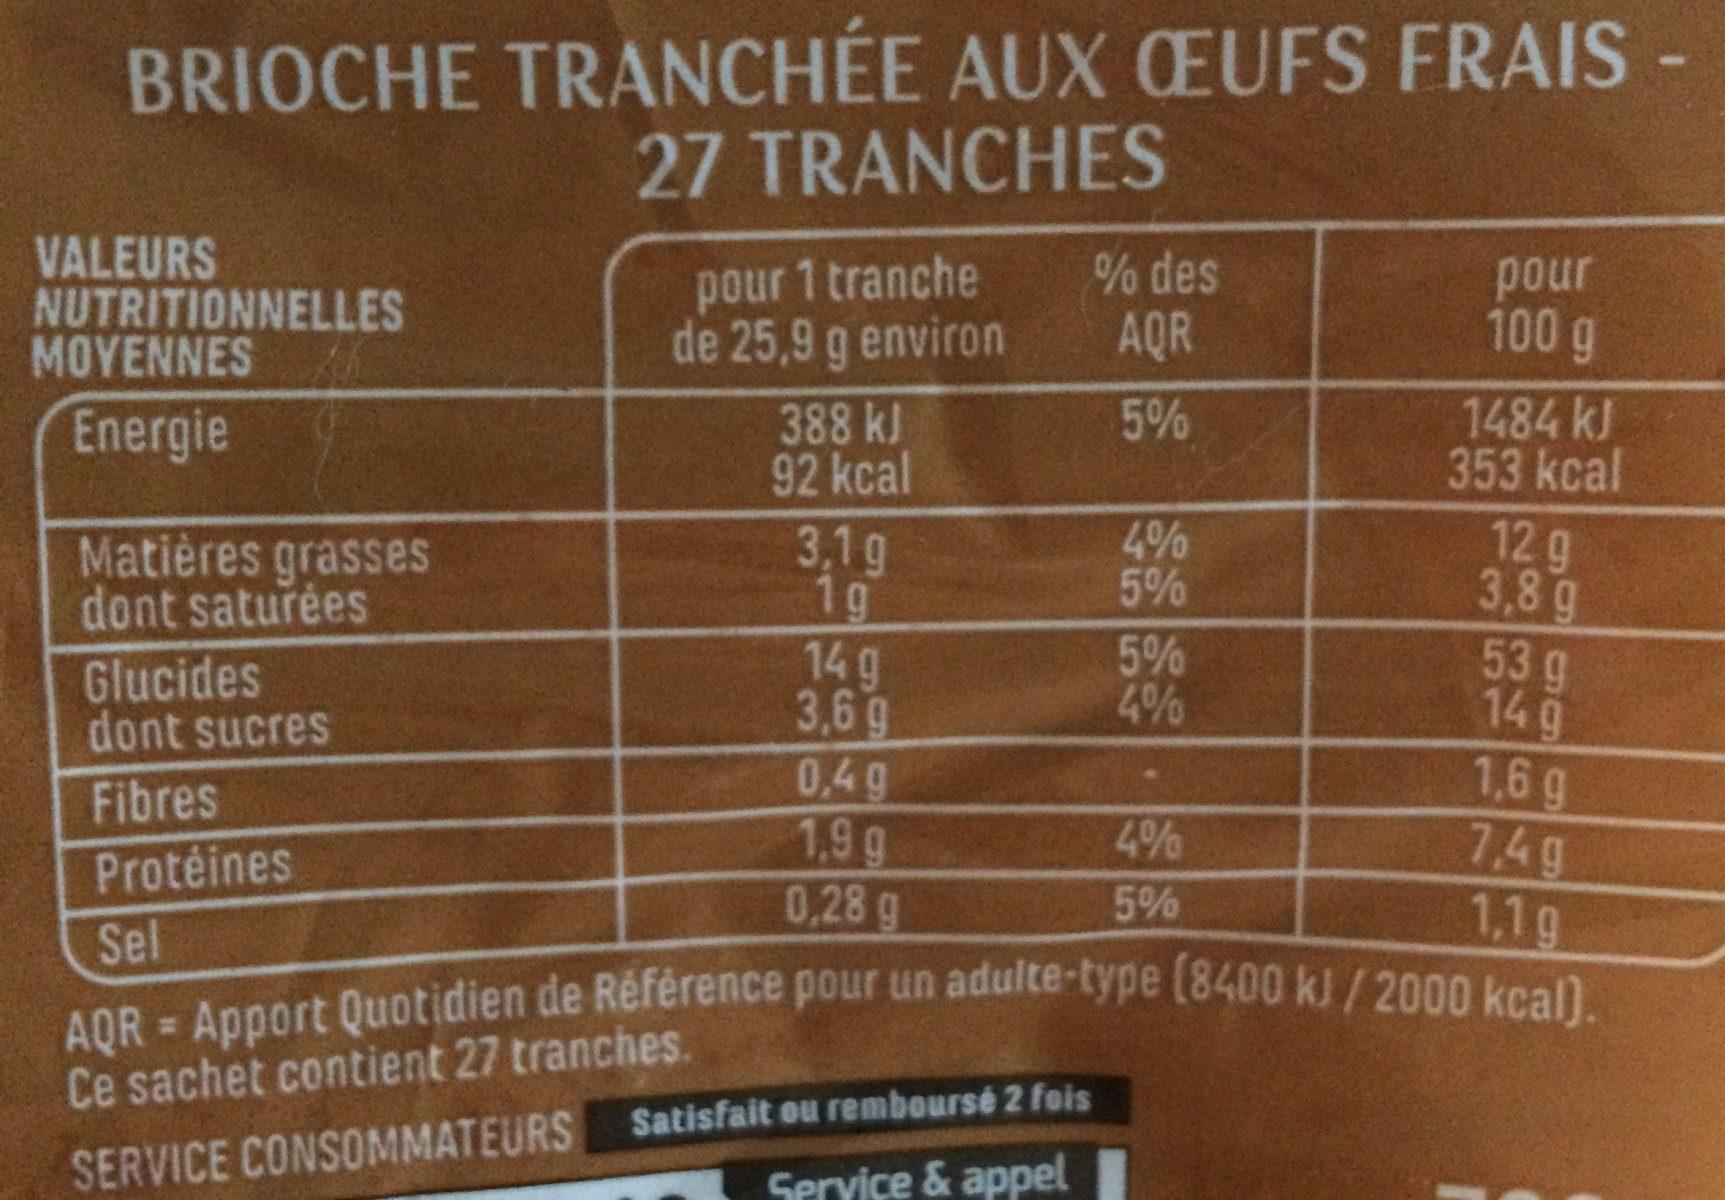 Brioche tranchée aux oeufs frais - Informations nutritionnelles